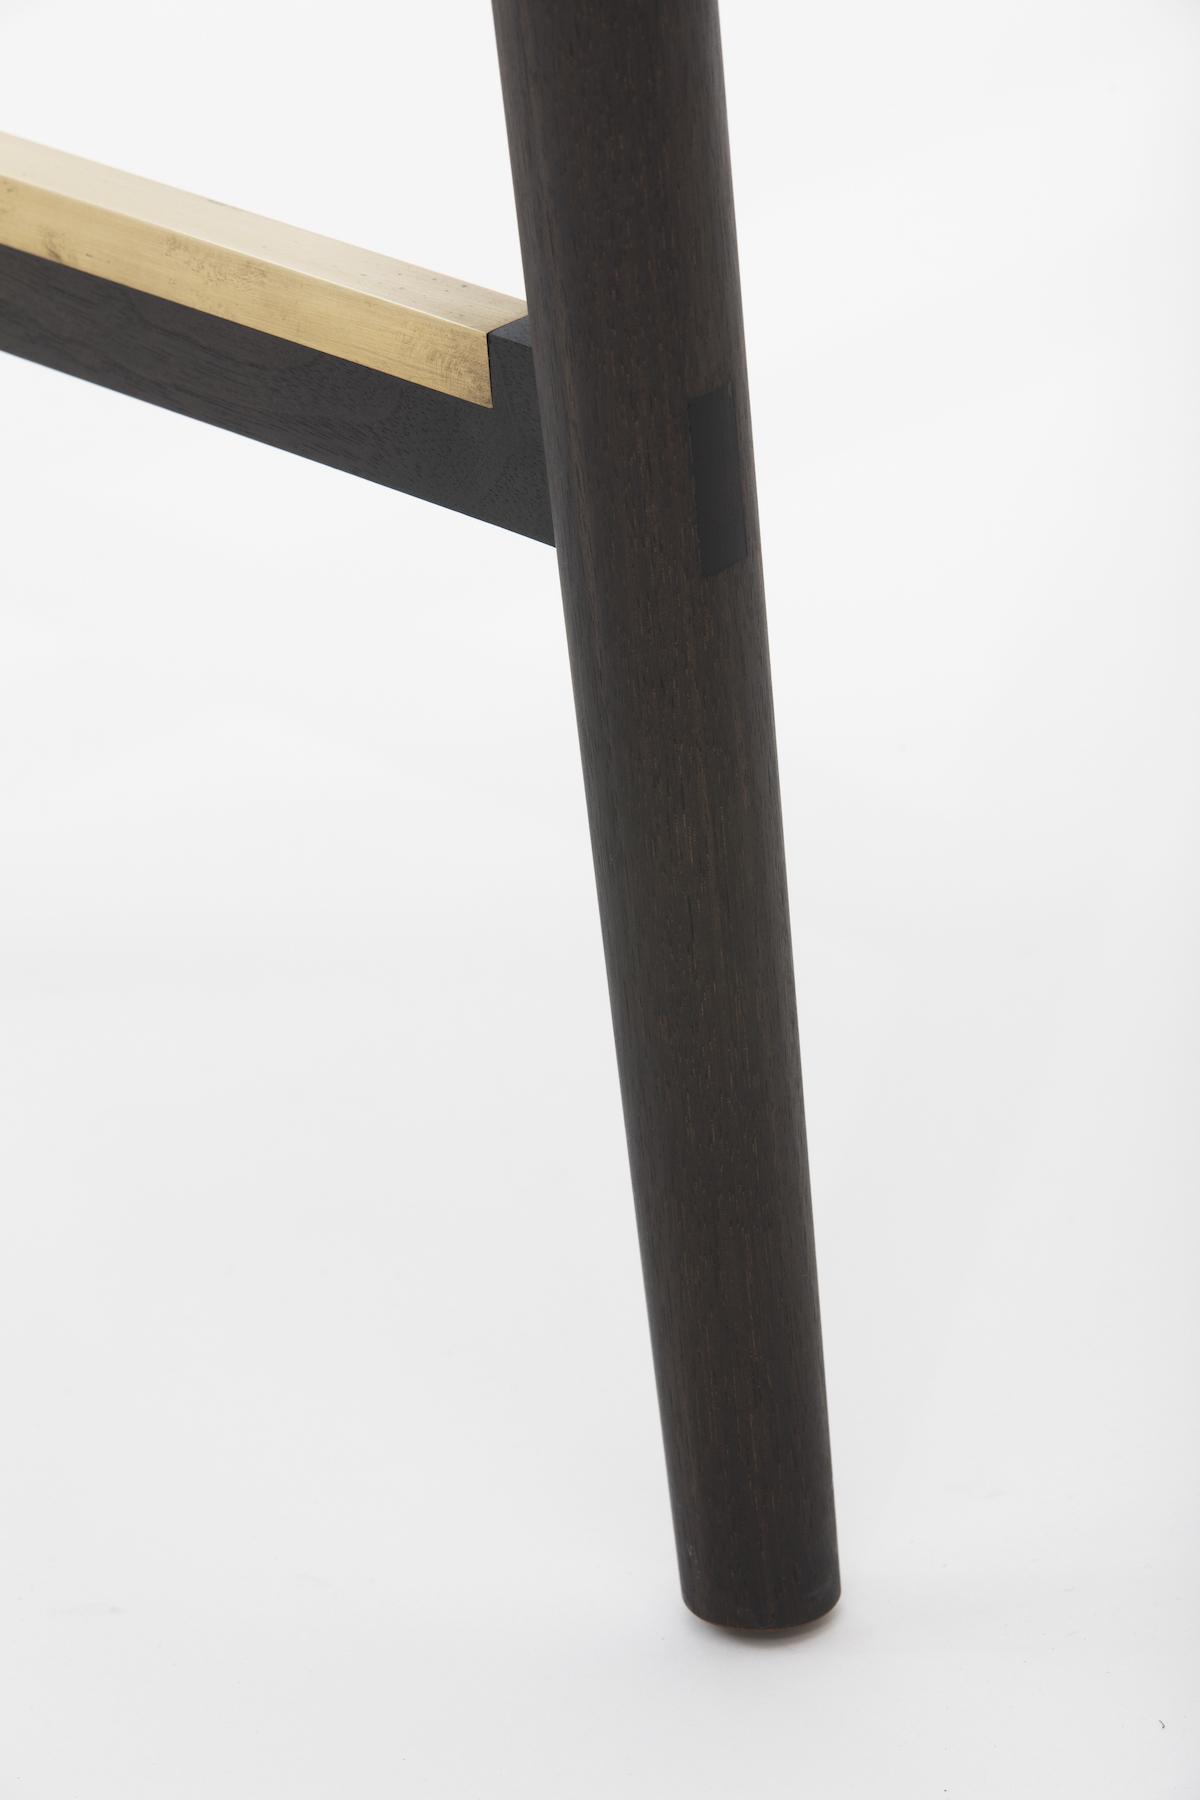 Stretcher/leg detail of the Redwood Bar/Counter Stool by artist Christopher Kurtz